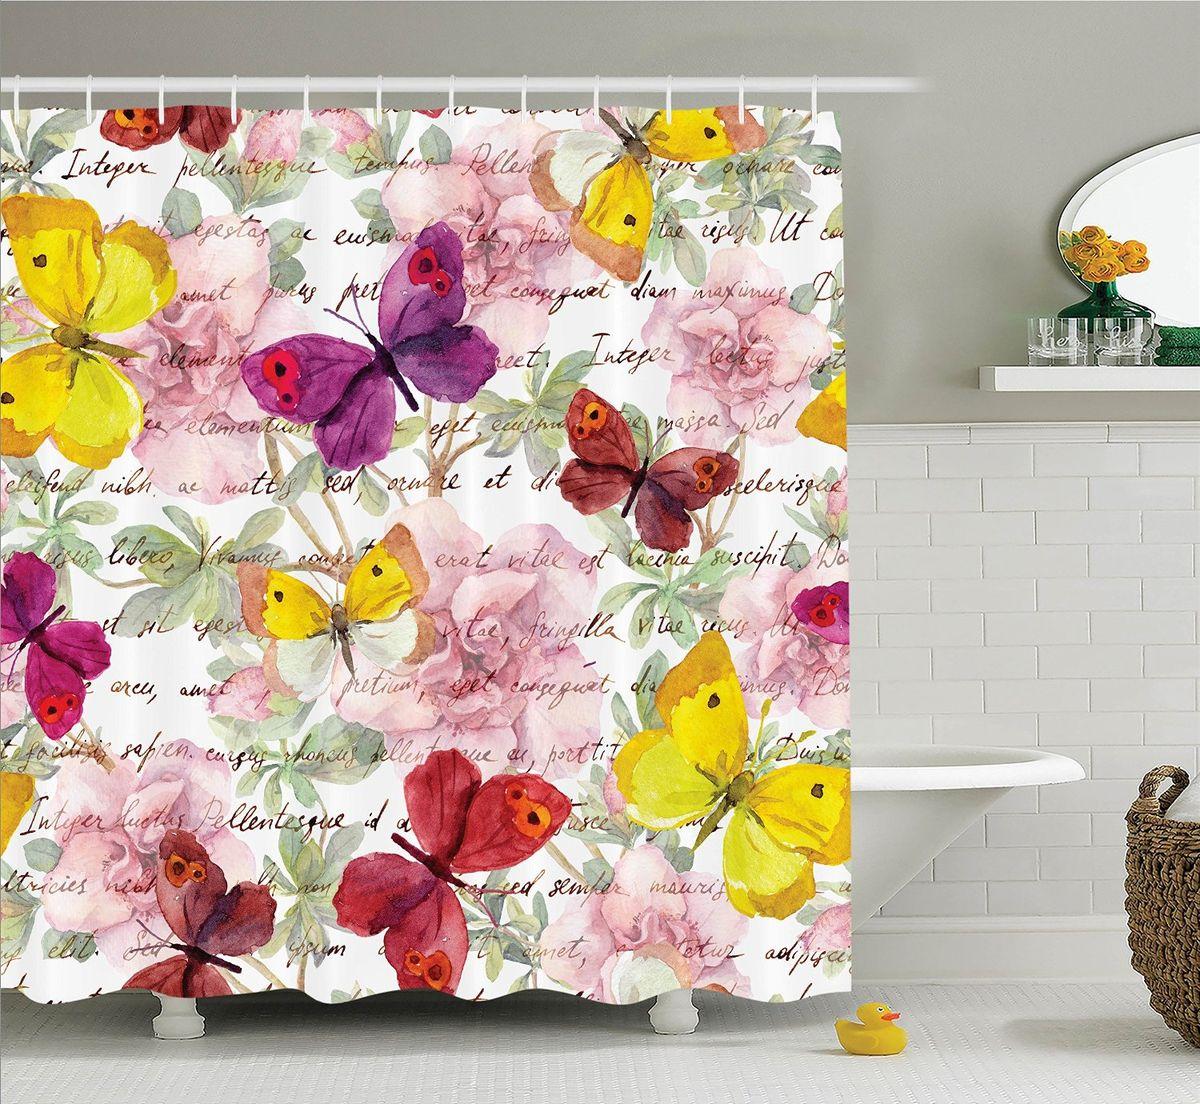 """Штора для ванной комнаты Magic Lady """"Разноцветные бабочки"""" выполнена из высококачественного сатена (полиэстер 100%). При изготовлении используются специальные гипоаллергенные чернила. Оригинальный дизайн и цветовая гамма привлекут к себе внимание. Изделие хорошо пропускает свет и быстро высыхает. Такая штора прекрасно впишется в любой интерьер ванной комнаты и идеально защитит от брызг."""